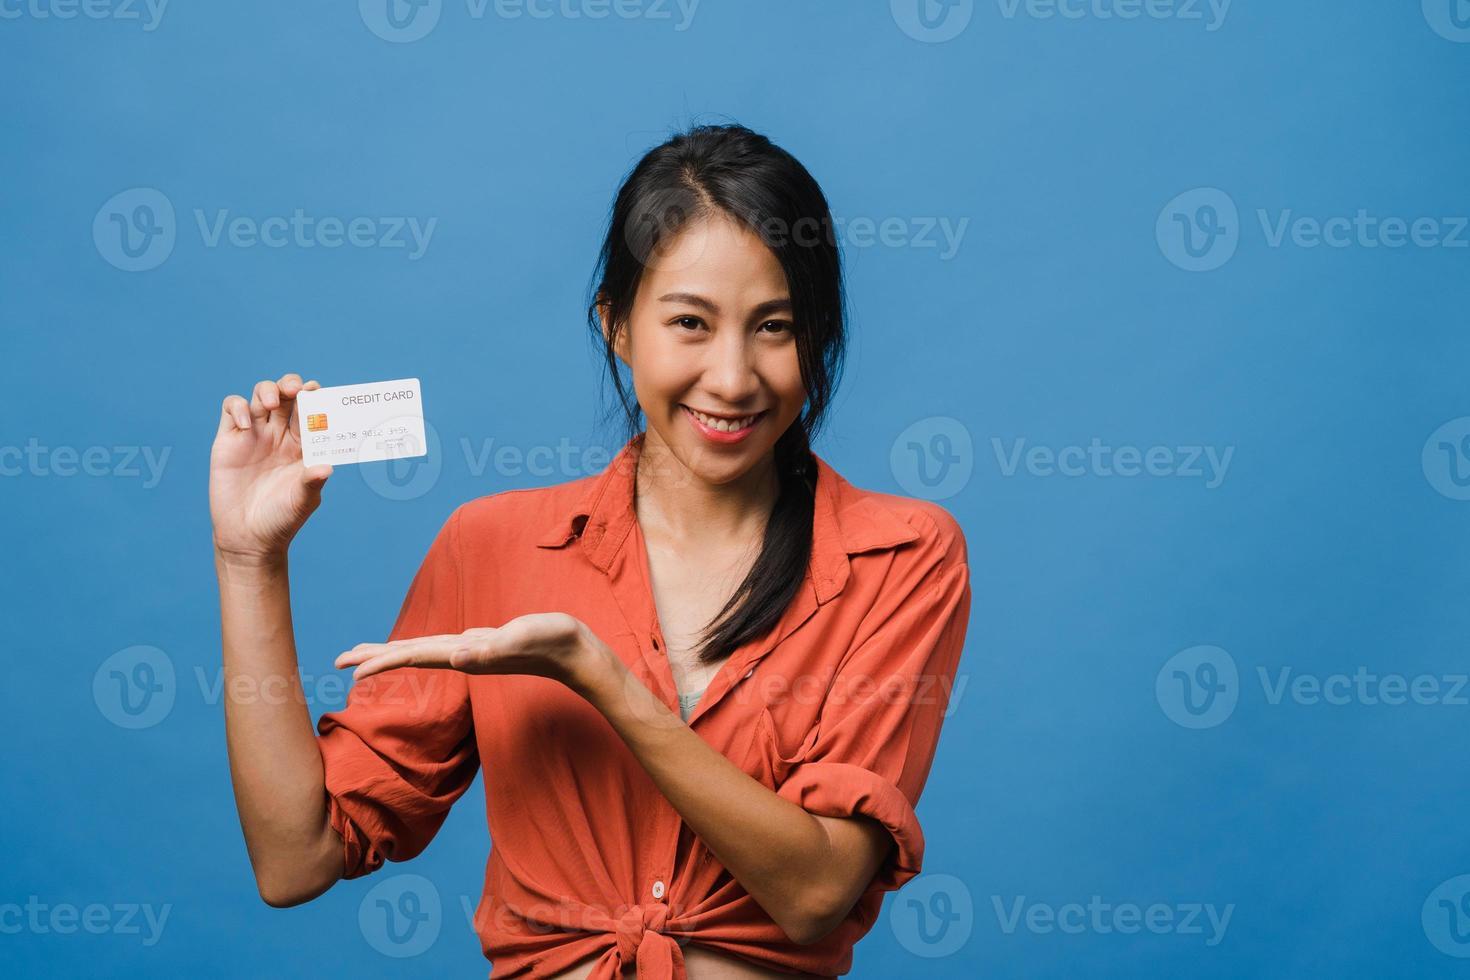 jonge aziatische dame toont creditcard met positieve uitdrukking, glimlacht breed, gekleed in casual kleding die geluk voelt en staat geïsoleerd op blauwe achtergrond. gezichtsuitdrukking concept. foto